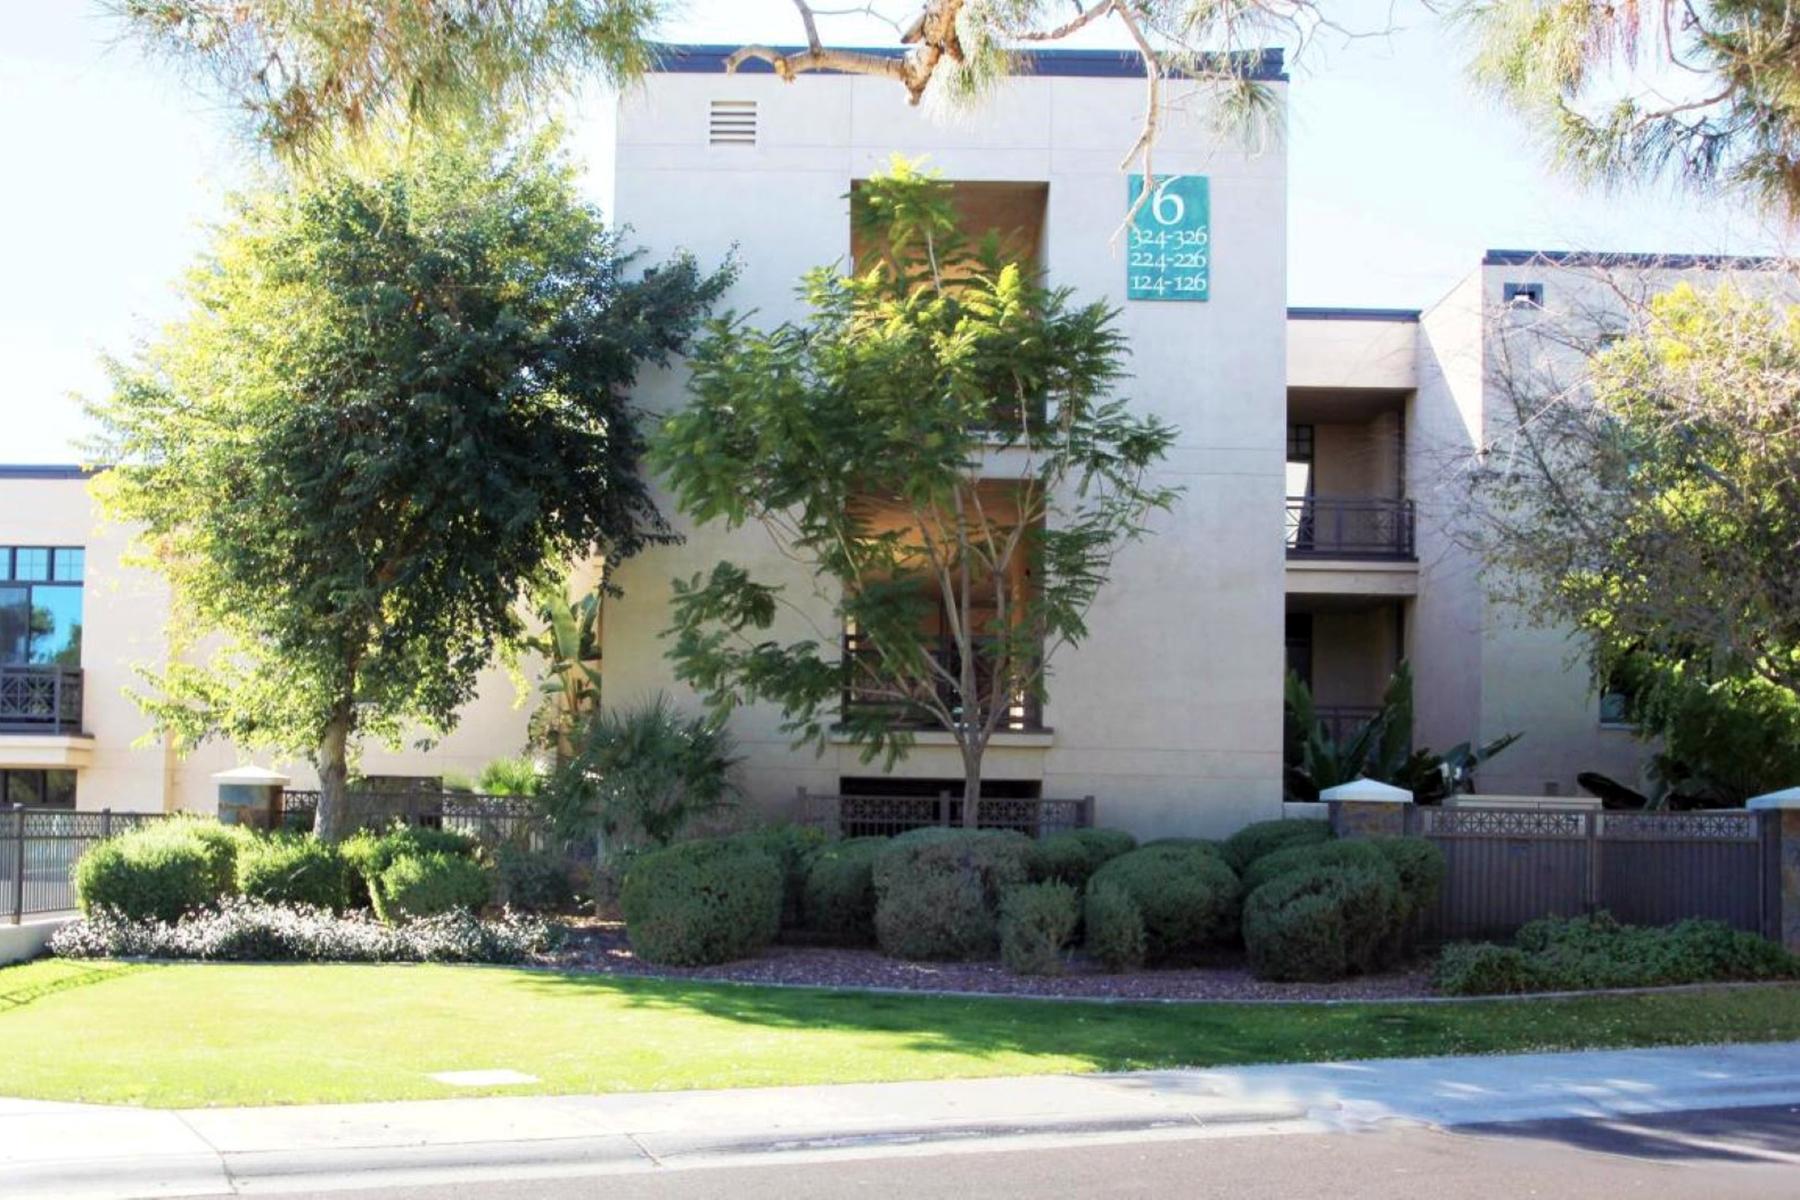 Condominio por un Venta en Luxury Condo in The Fairway Lodge at The Biltmore 8 Biltmore Estates #126 Phoenix, Arizona 85016 Estados Unidos